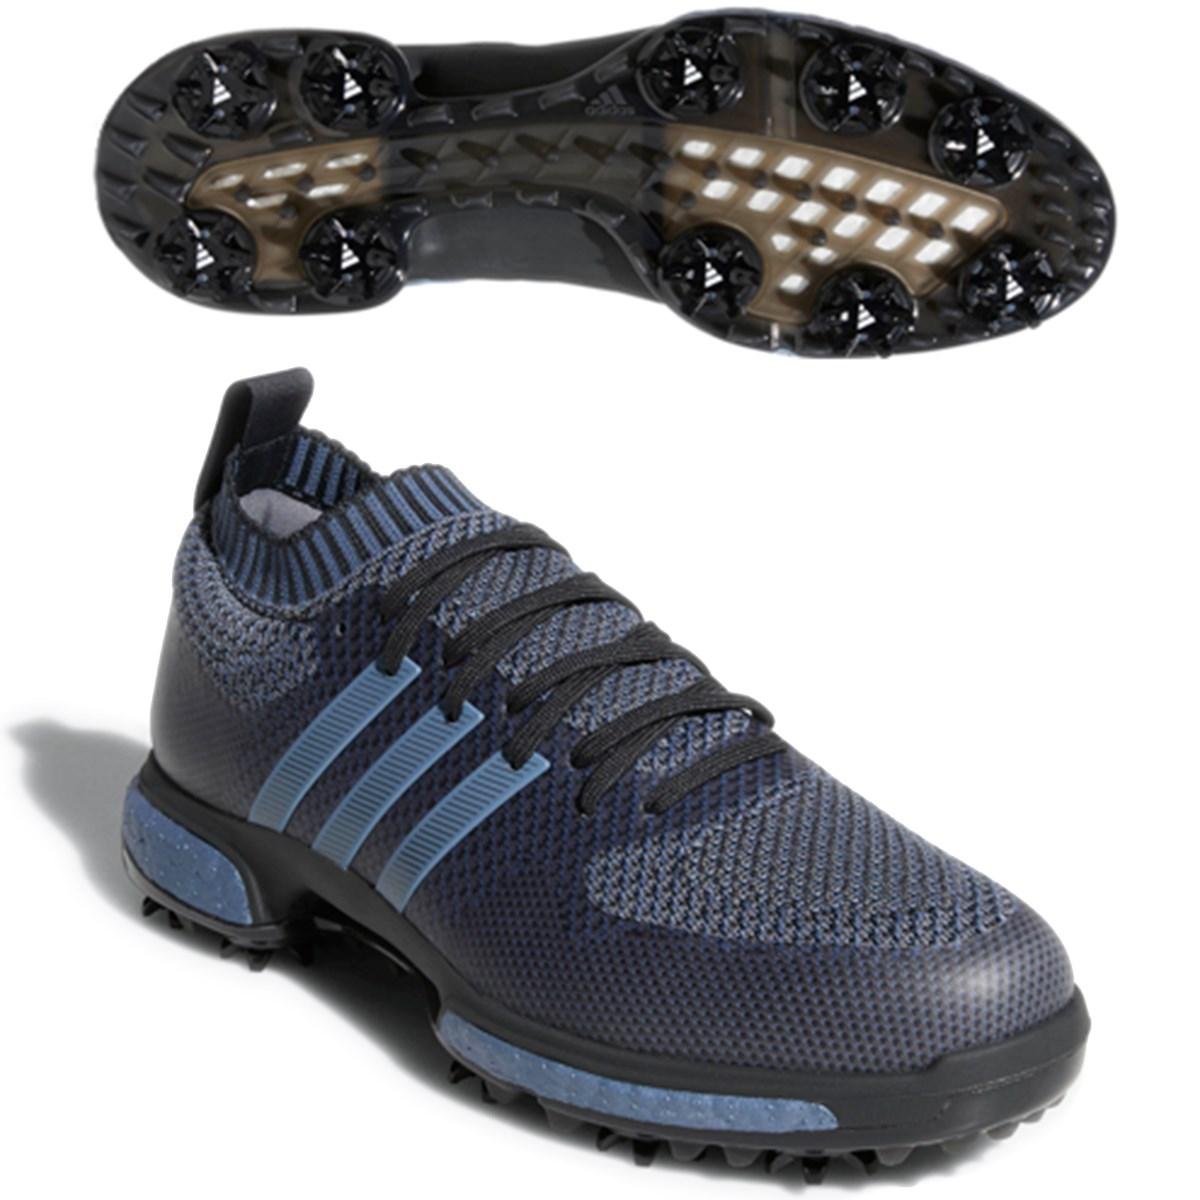 アディダス(adidas) Tour360 Knit-Blue Boost pack シューズ